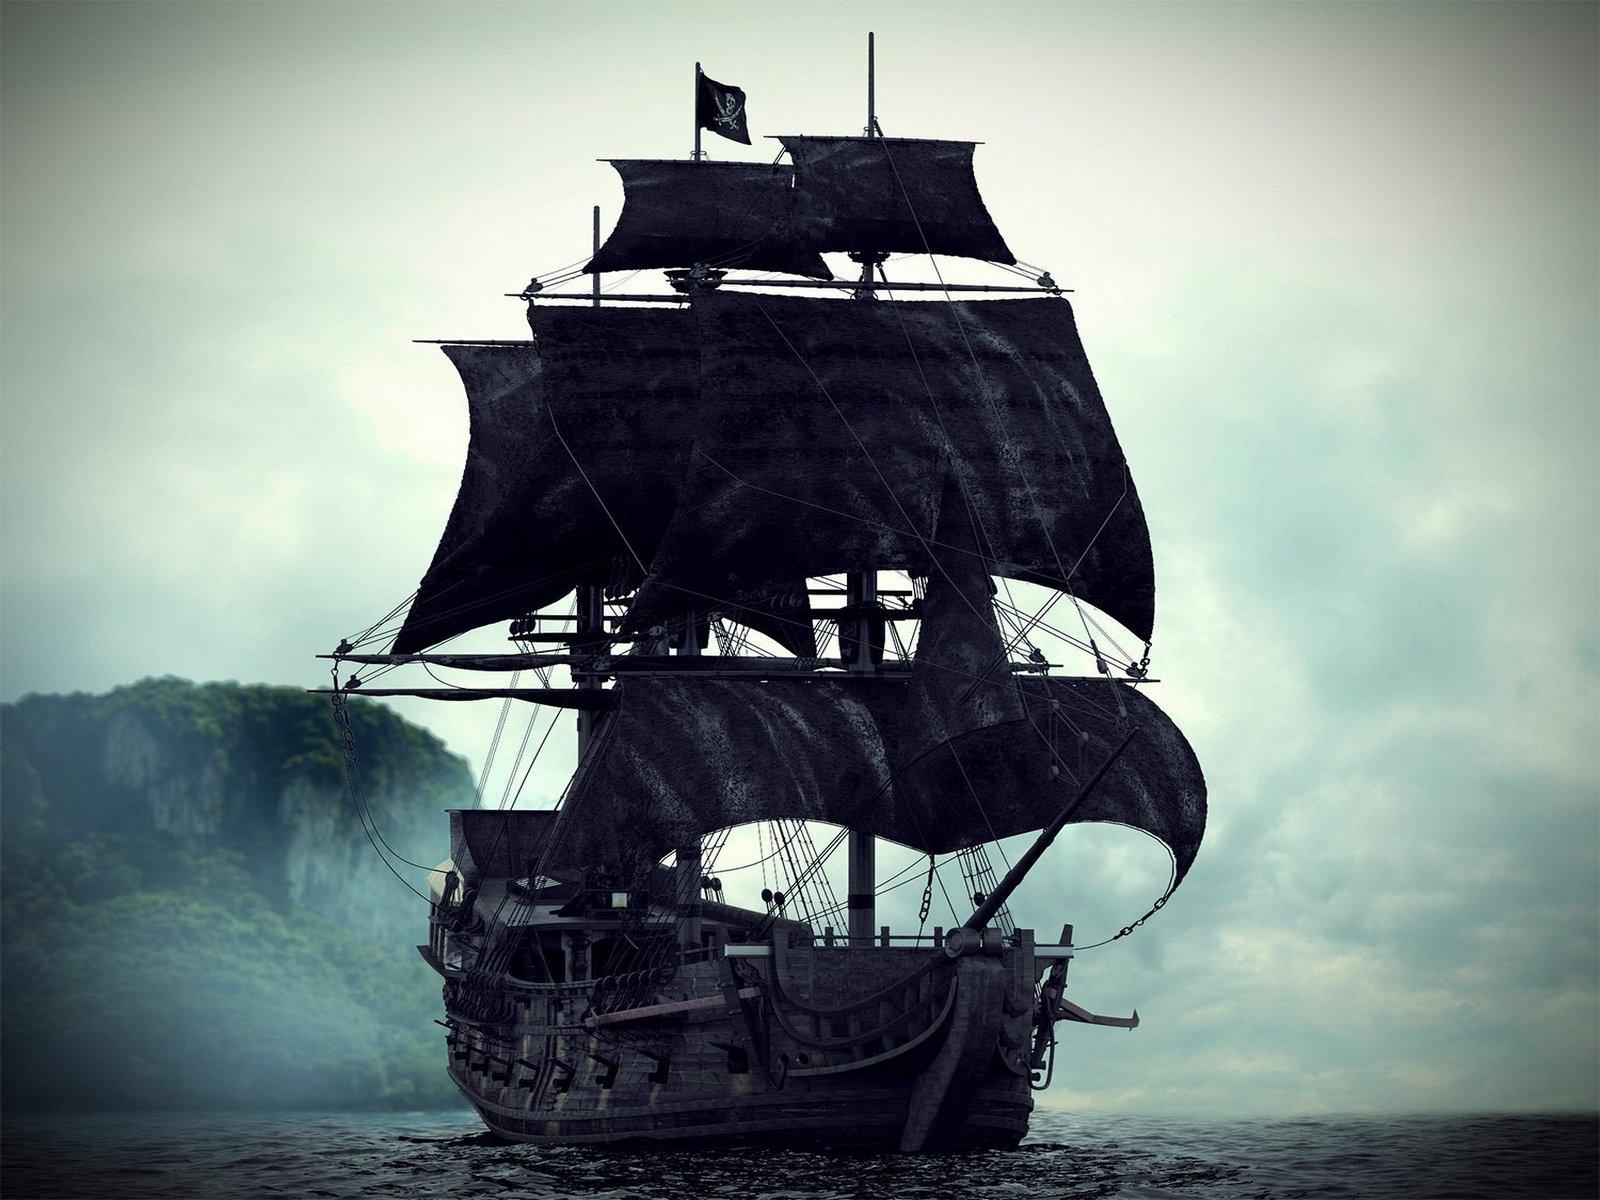 Картинки старых кораблей, анимированные картинки